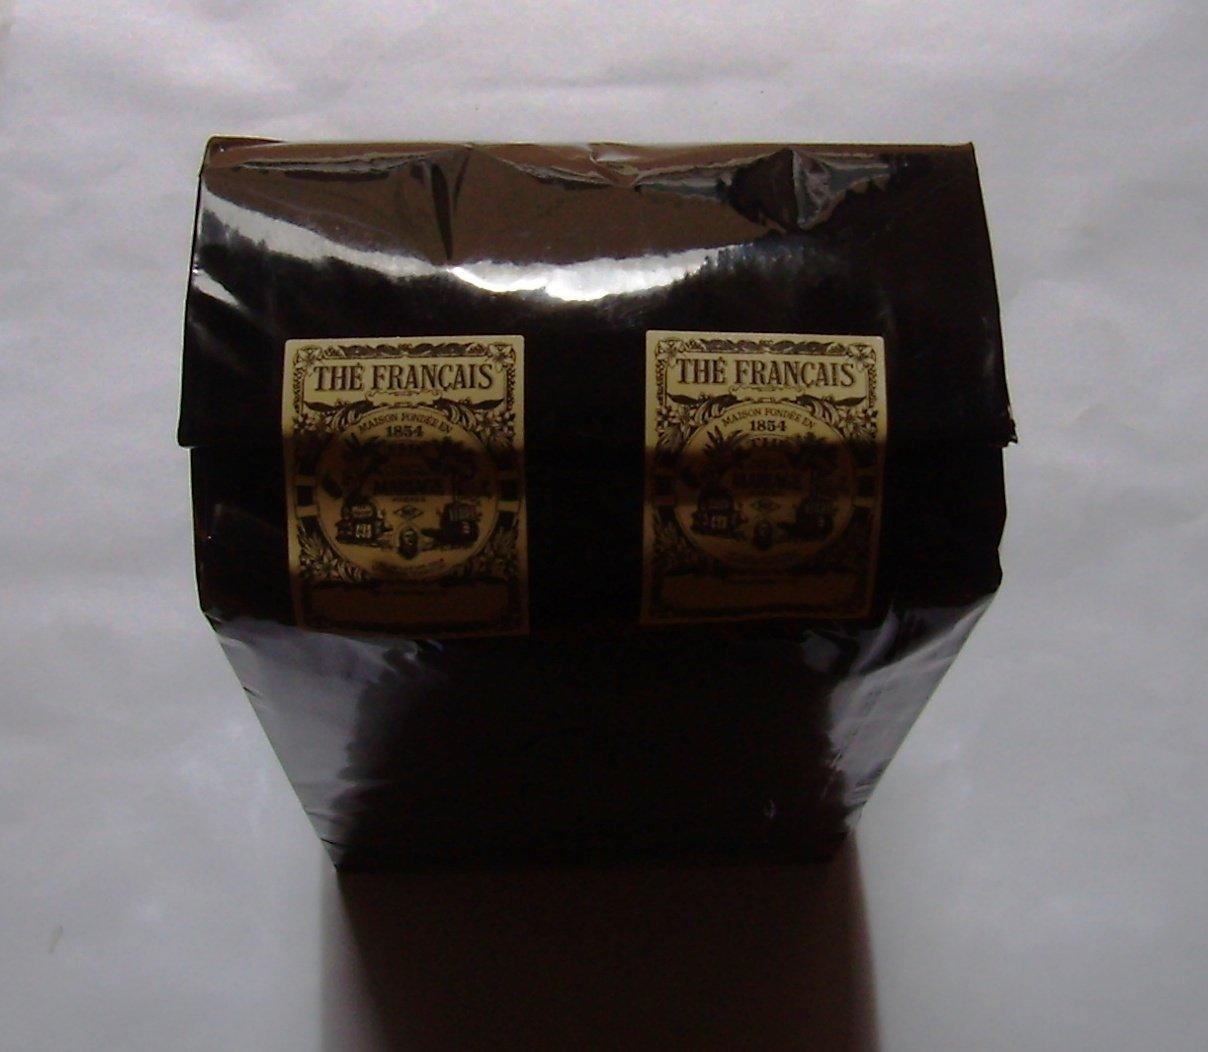 Mariage Frères - RICHMOND® - LOOSE LEAF BAG - 17.63oz / 500gr by Mariage Frères - RICHMOND® - LOOSE LEAF BAG (Image #2)